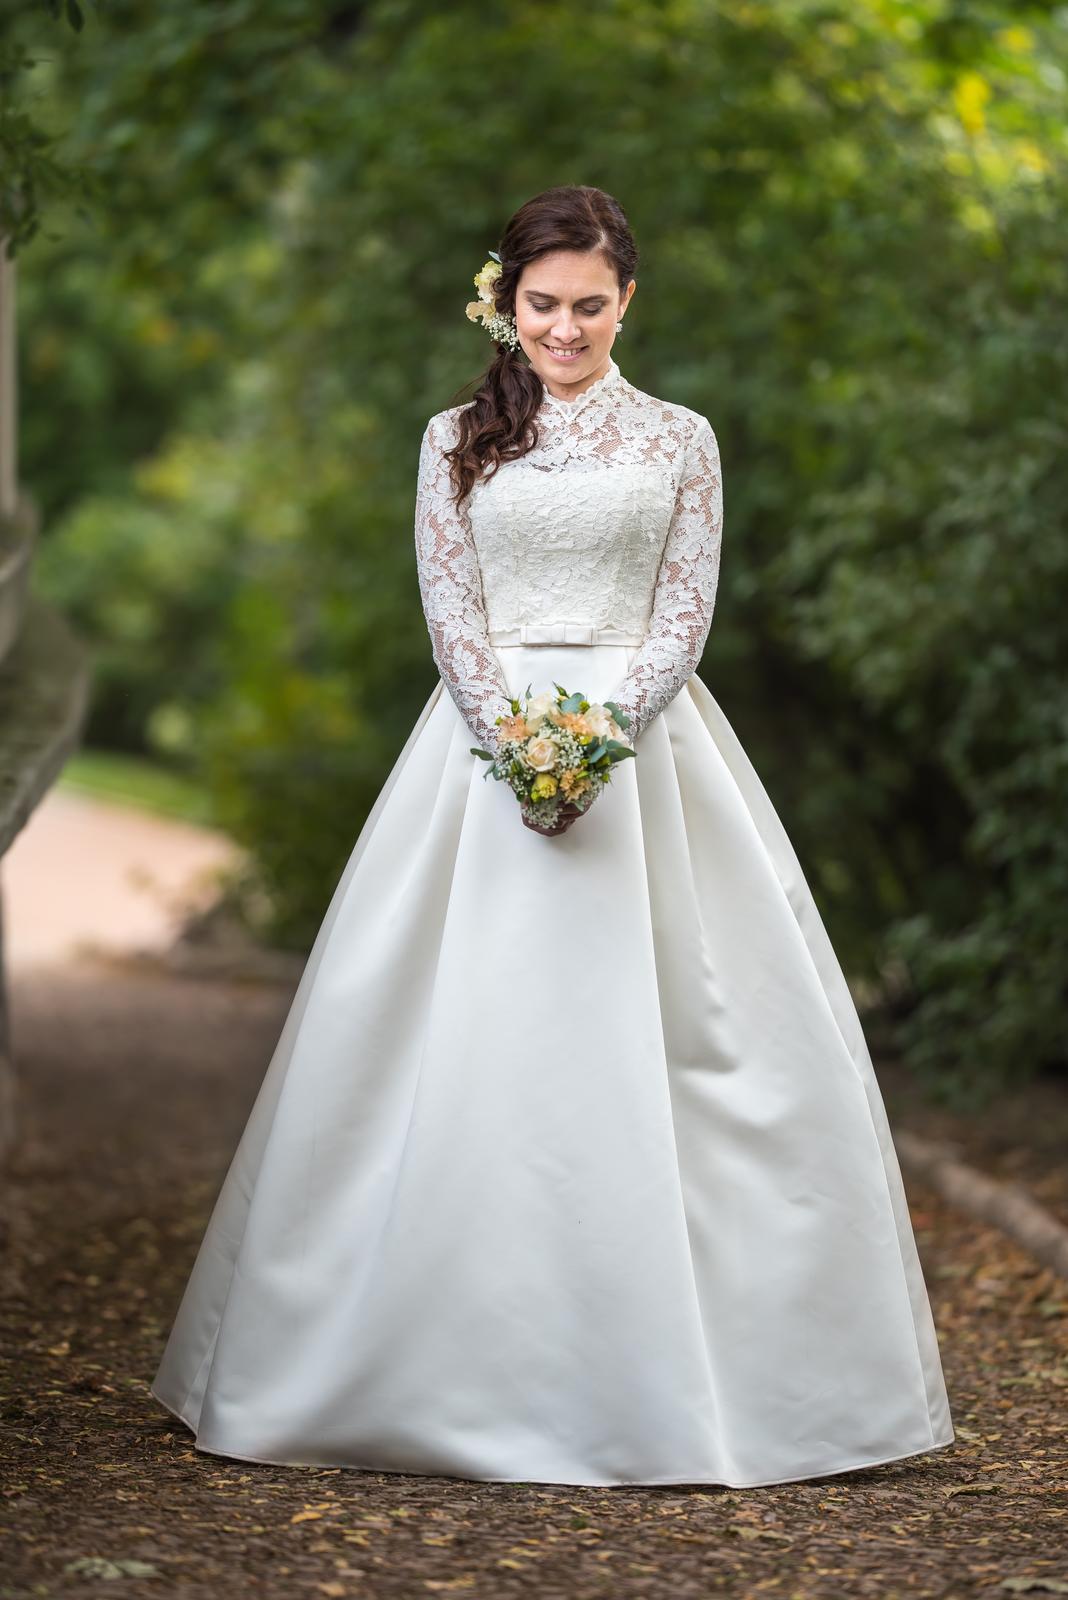 Svatební šaty barvy ivory vel. 36-40  - Obrázek č. 1